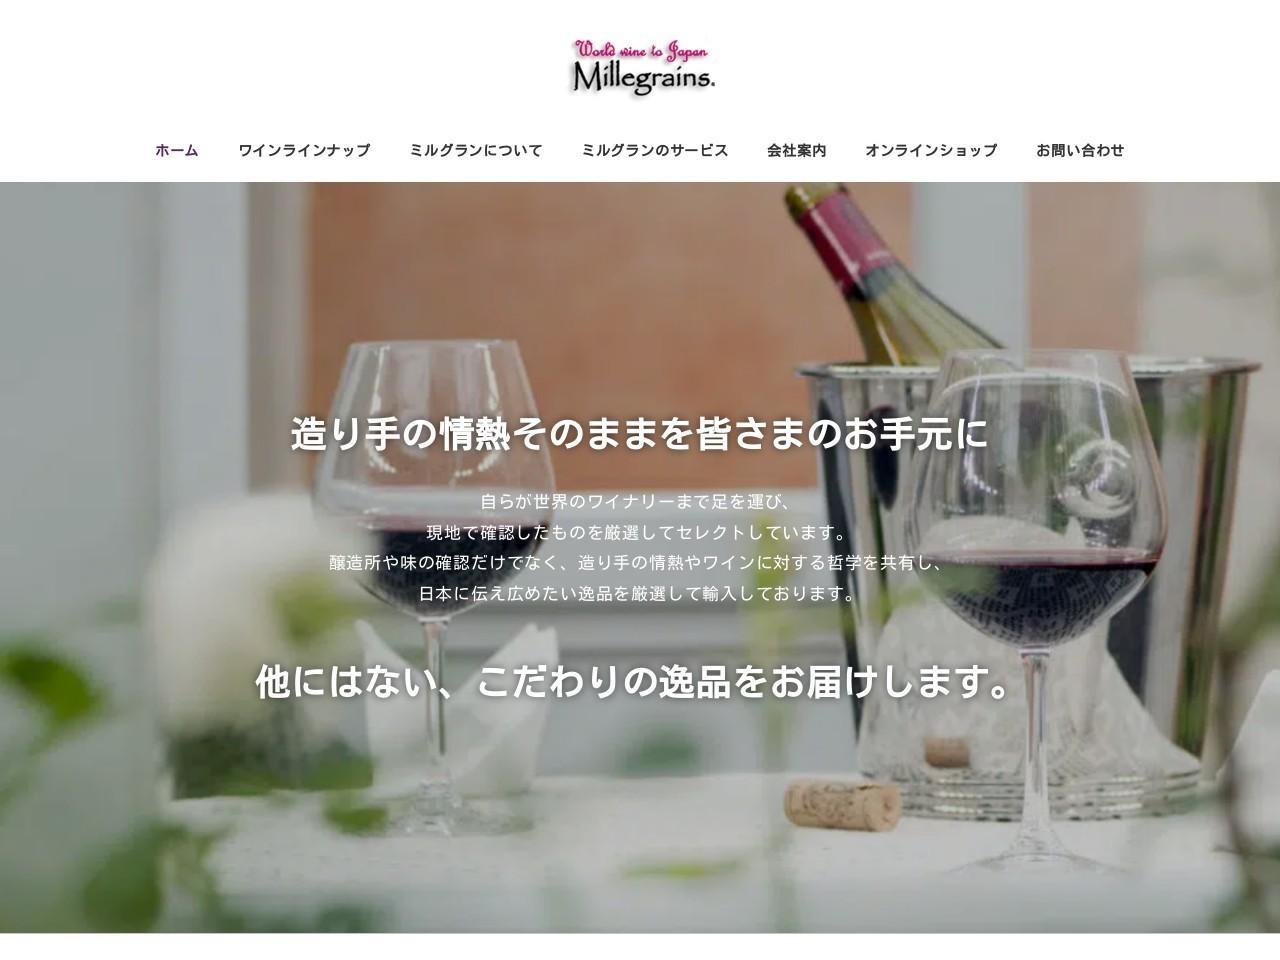 株式会社 ミルグラン | 直輸入 フランスワインの卸・販売